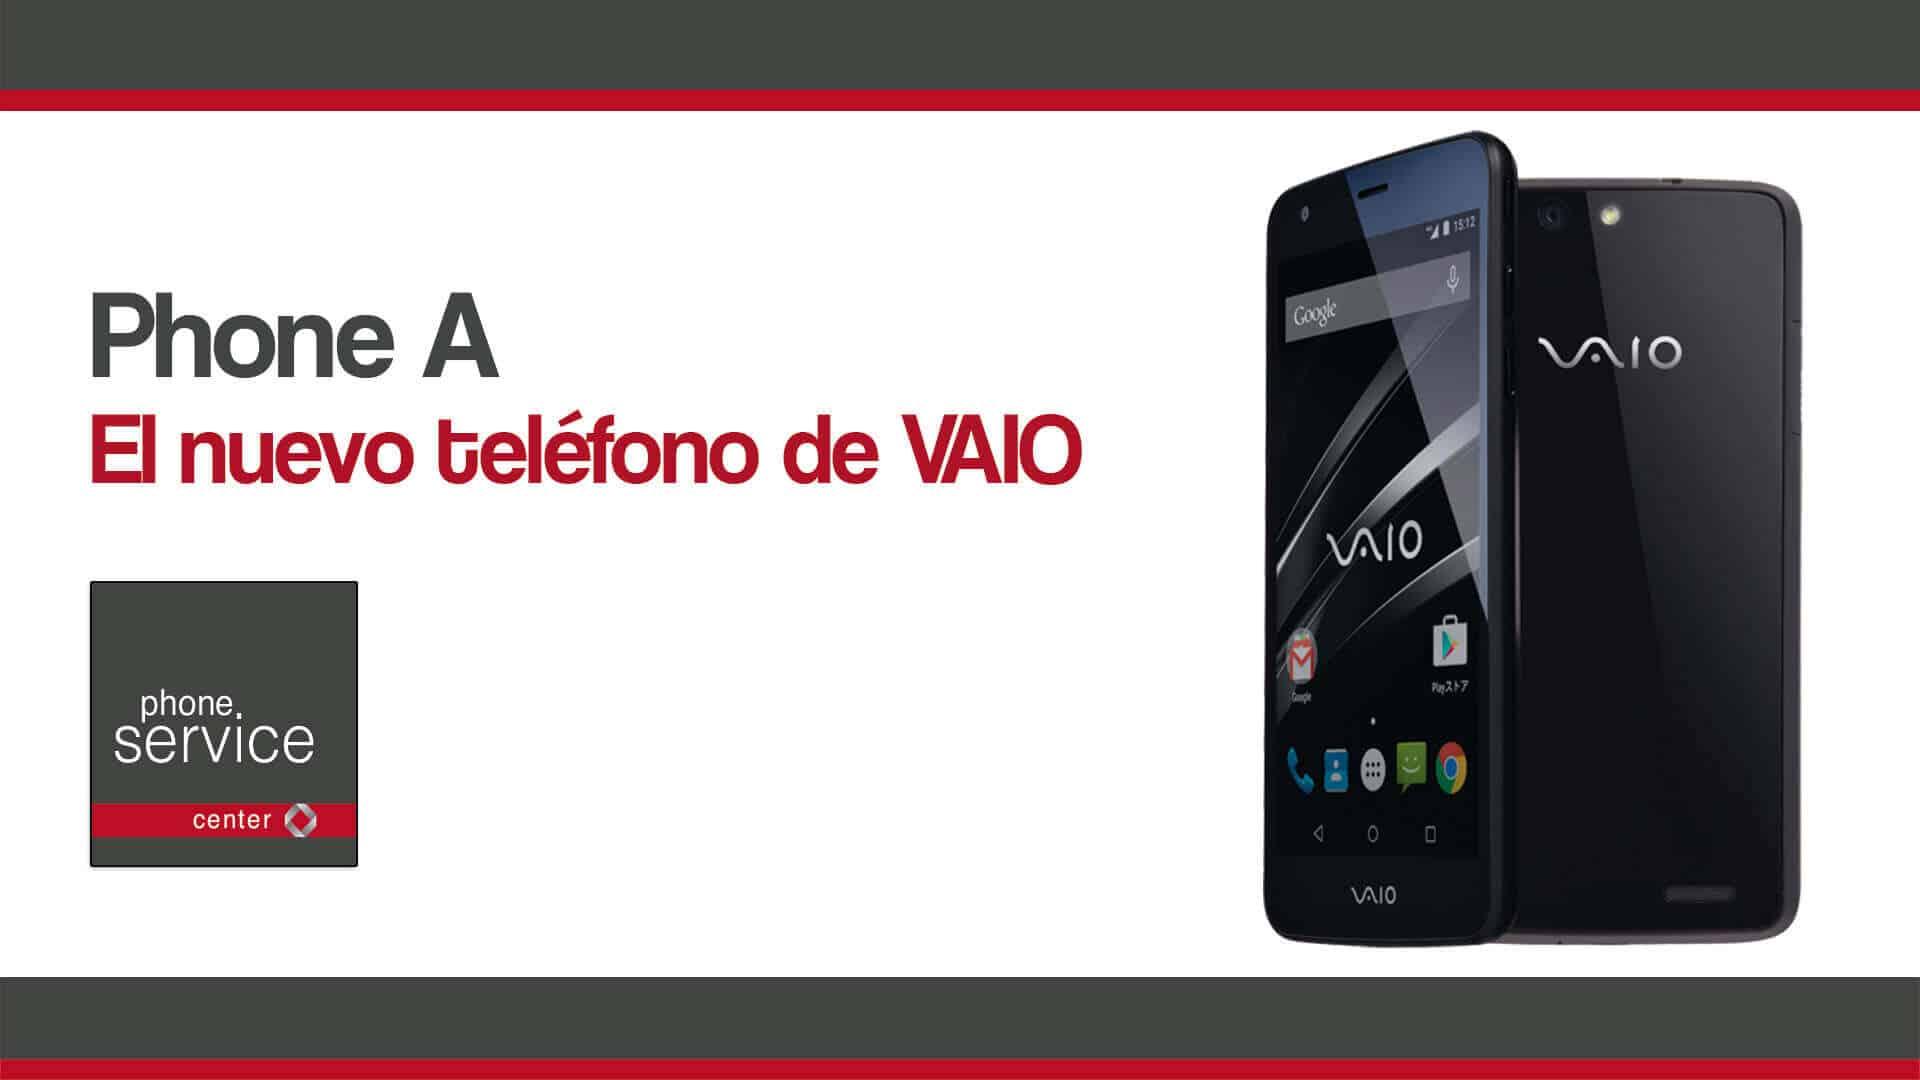 Phone A el nuevo telefono de VAIO